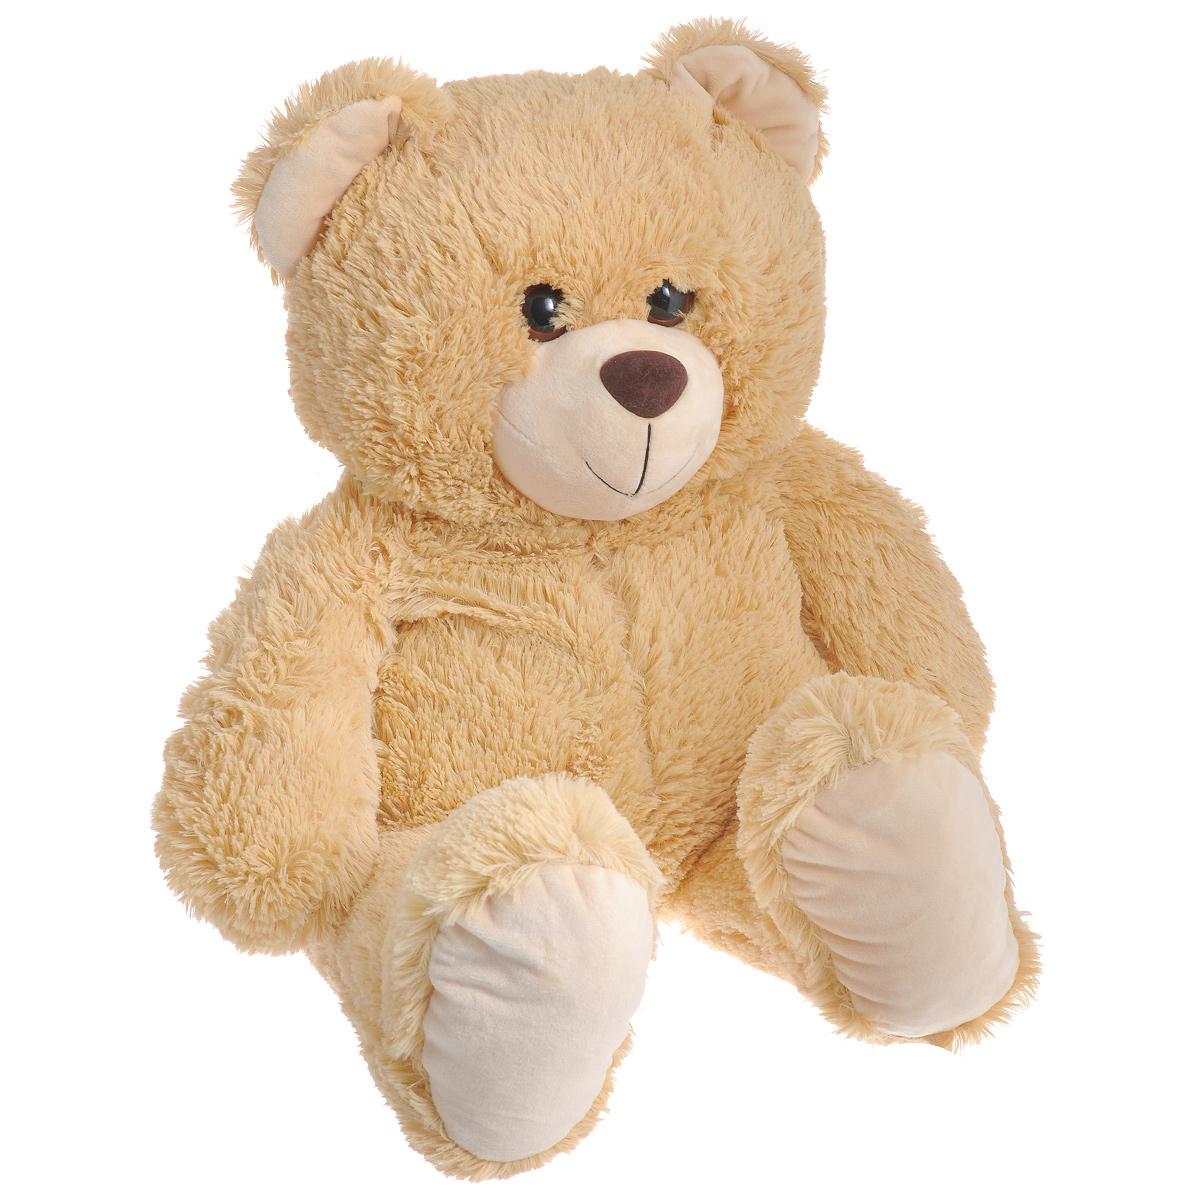 Мягкая игрушка СмолТойс Медведь, 64 см1137/БЖСимпатичная мягкая игрушка СмолТойс Медведь не оставит равнодушным ни ребенка, ни взрослого и вызовет улыбку у каждого, кто его увидит. Необычайно мягкий, он принесет радость и подарит своему обладателю мгновения нежных объятий и приятных воспоминаний. Игрушка удивительно приятна на ощупь, а специальные гранулы, используемые при ее набивке, способствуют развитию мелкой моторики рук малыша. Мягкая игрушка может стать милым подарком, а может быть и лучшим другом на все времена.